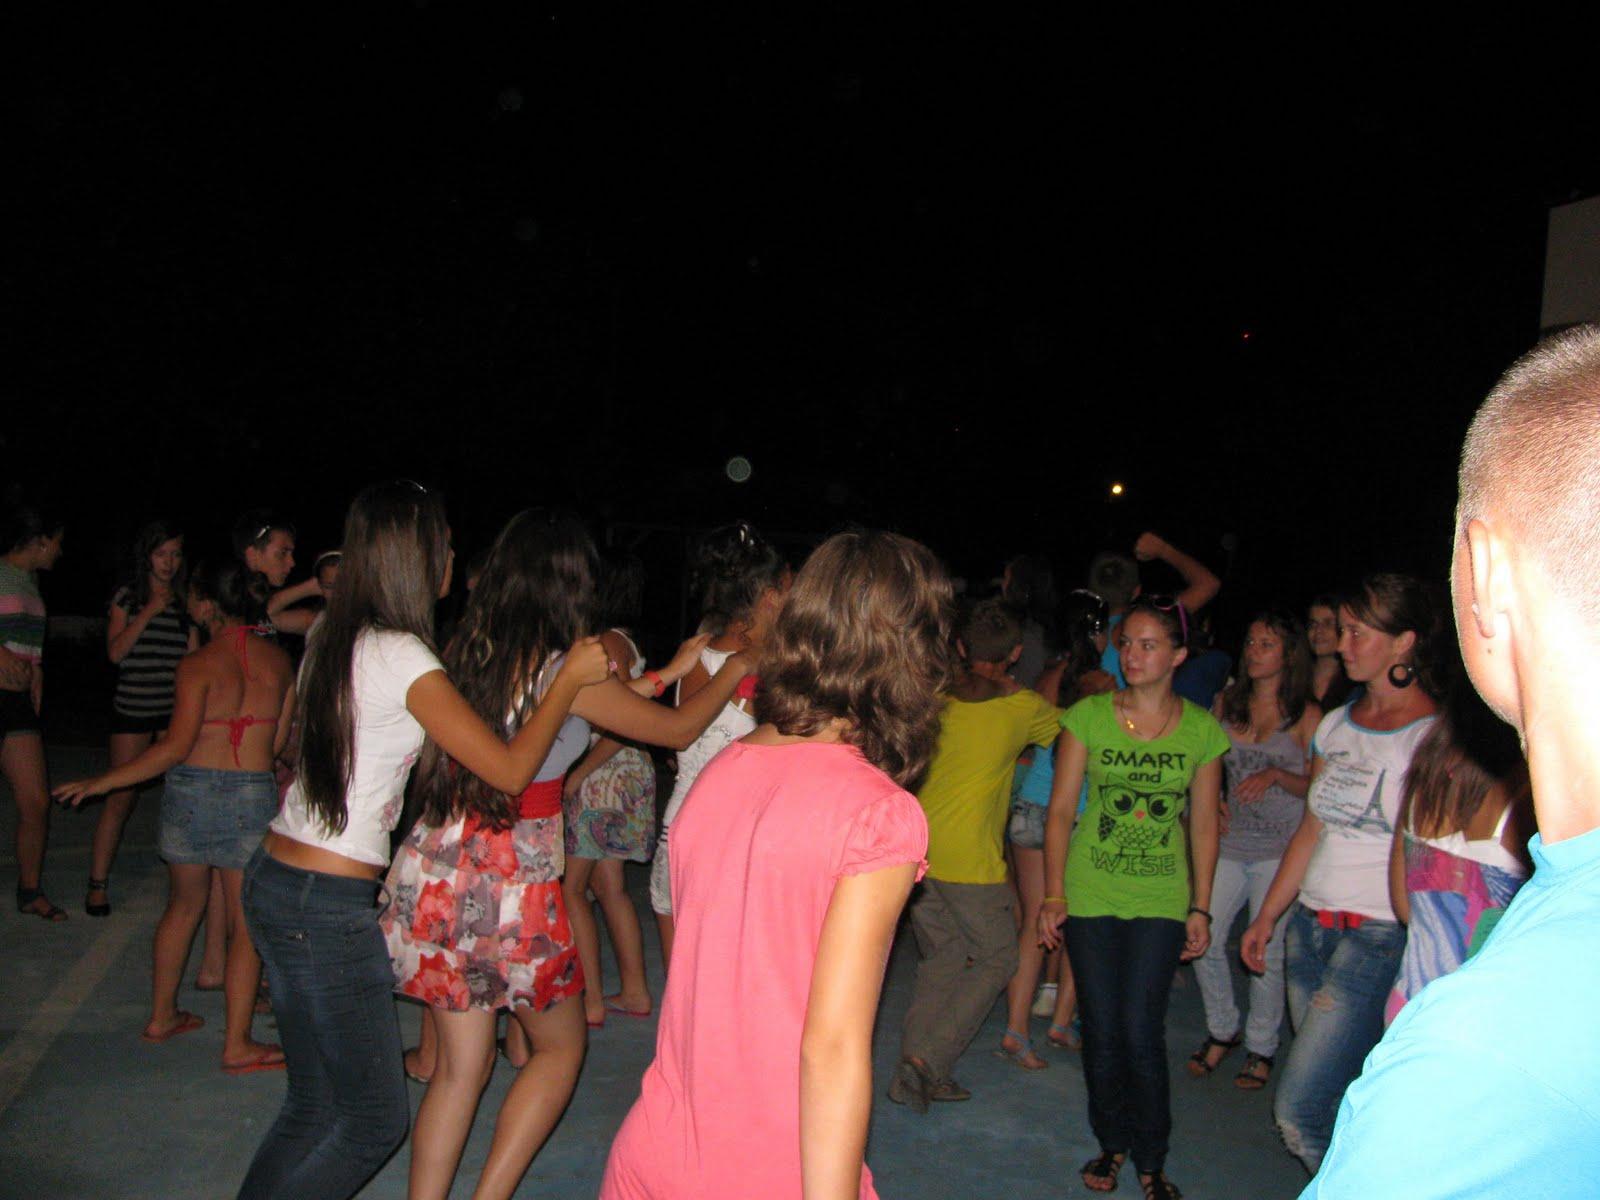 Foaia românească: Tabăra Sulina, ARC 2011, seria a şasea - Vacanţa şcolarilor români din Ungaria ...